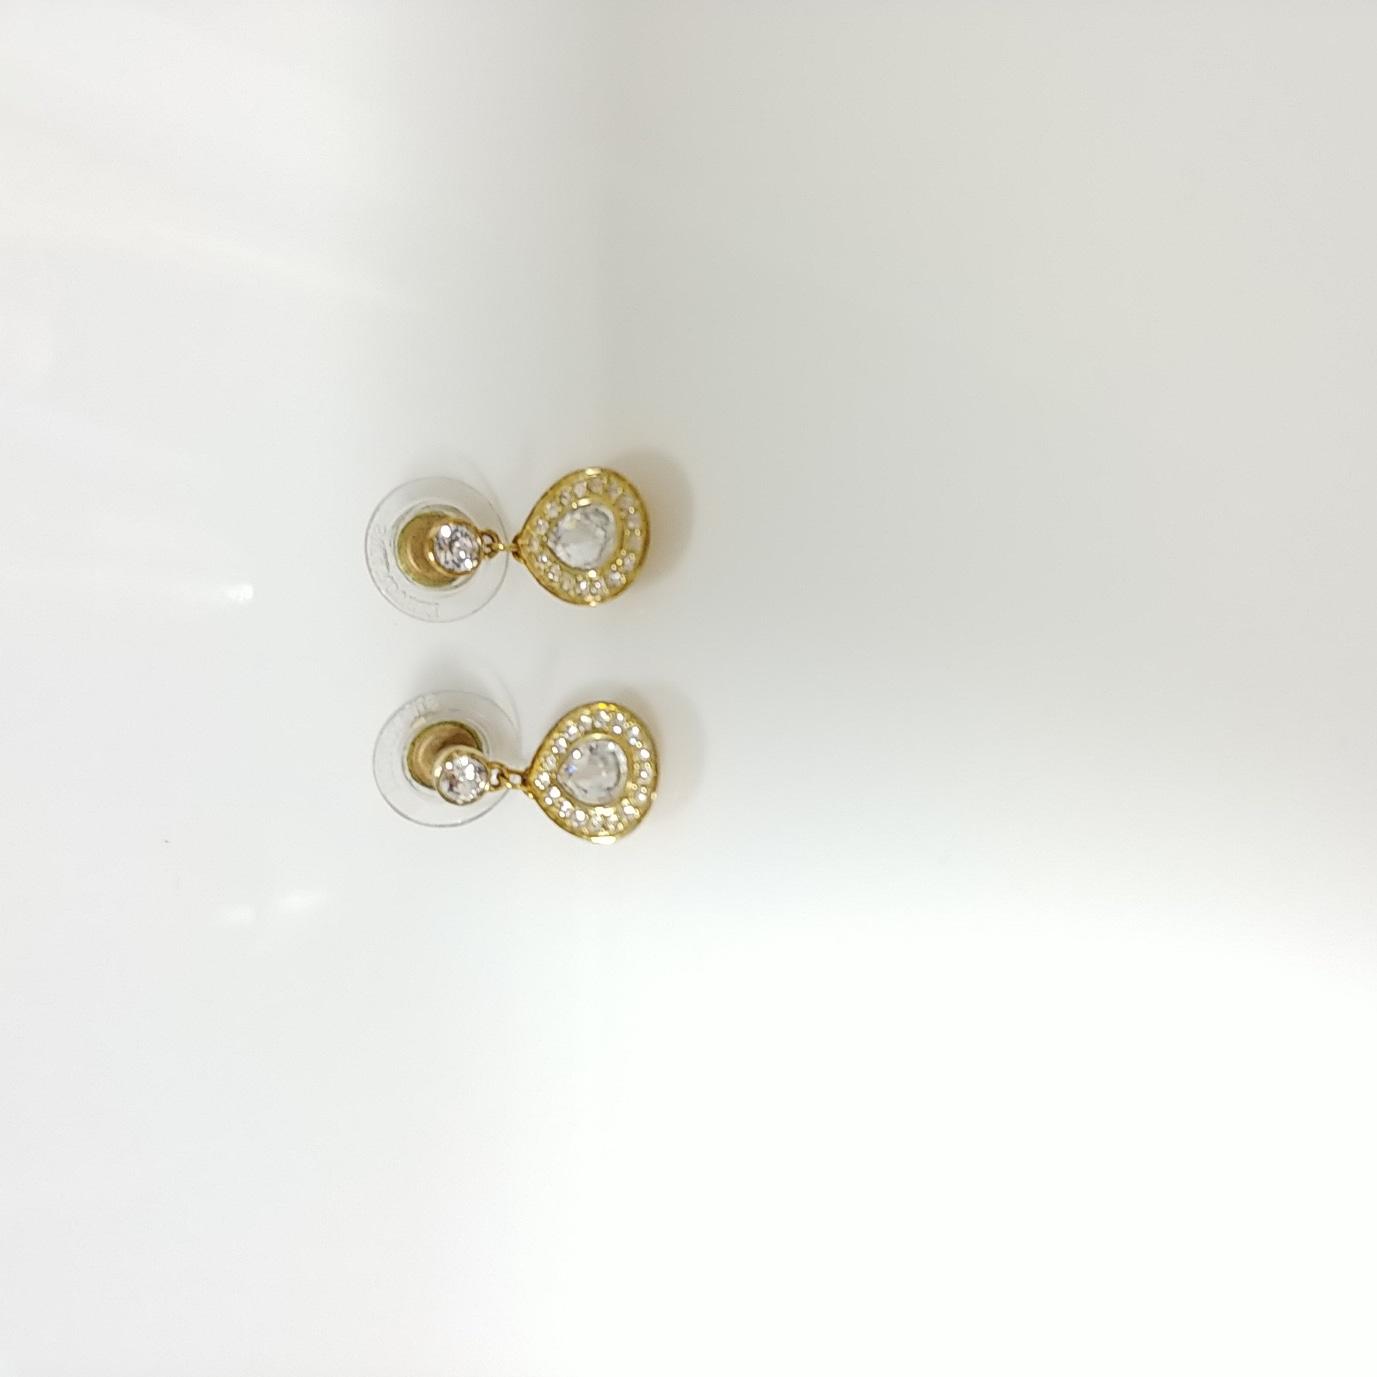 (정품)스와로브스키 귀걸이-활용도 높음